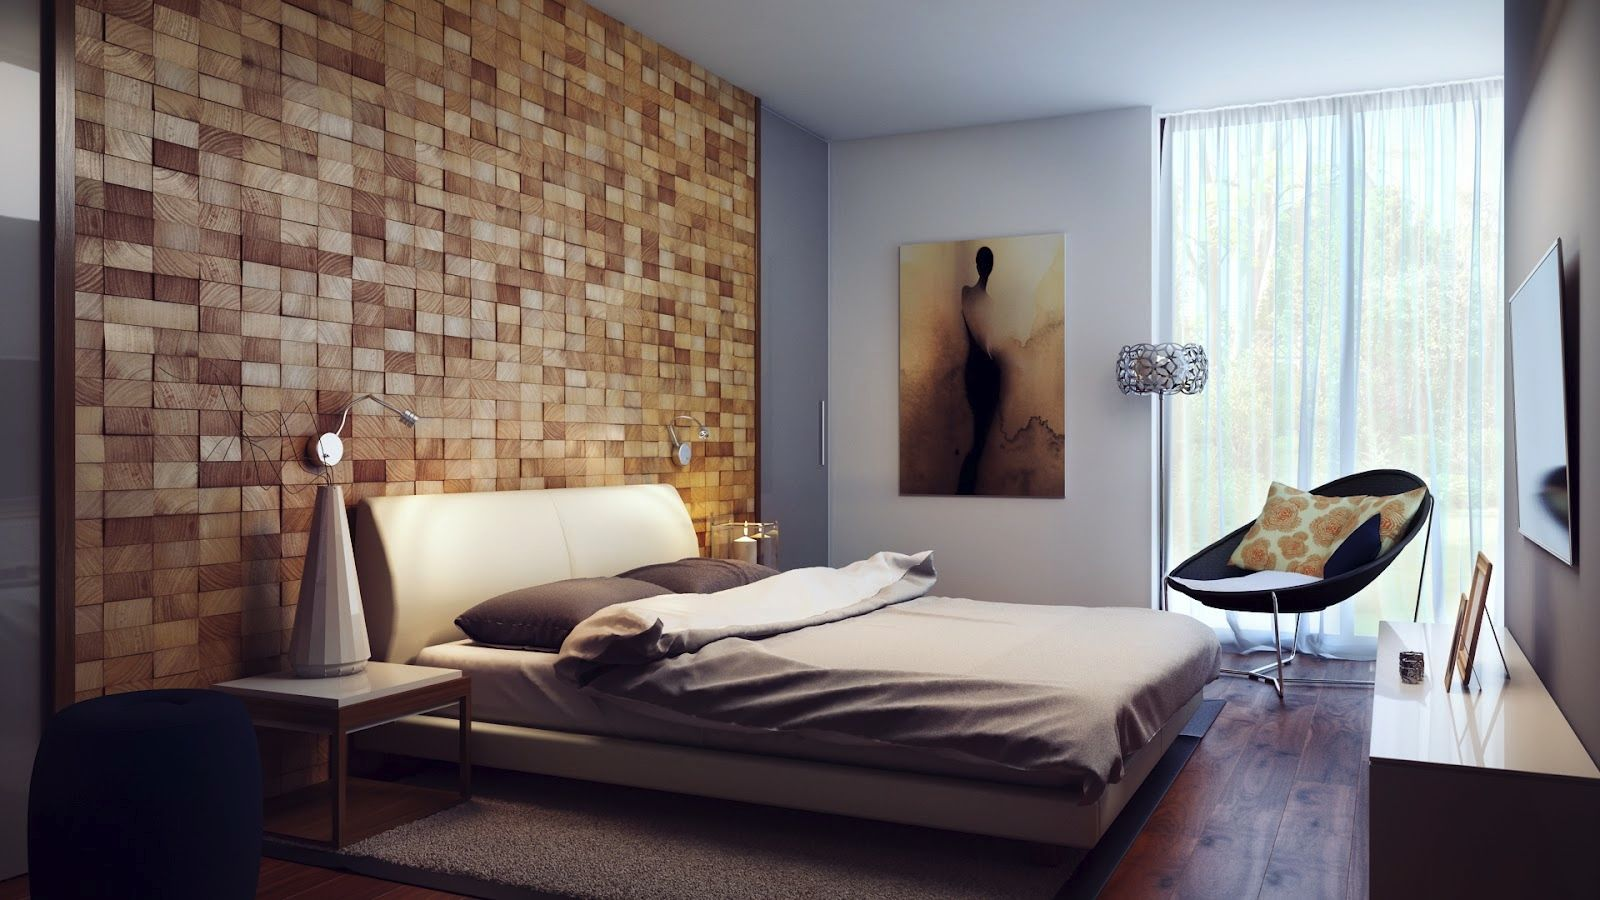 Wood Block Headboard Wall Jpeg 1600 900 Feature Wall Bedroom Modern Bedroom Interior Modern Bedroom Decor